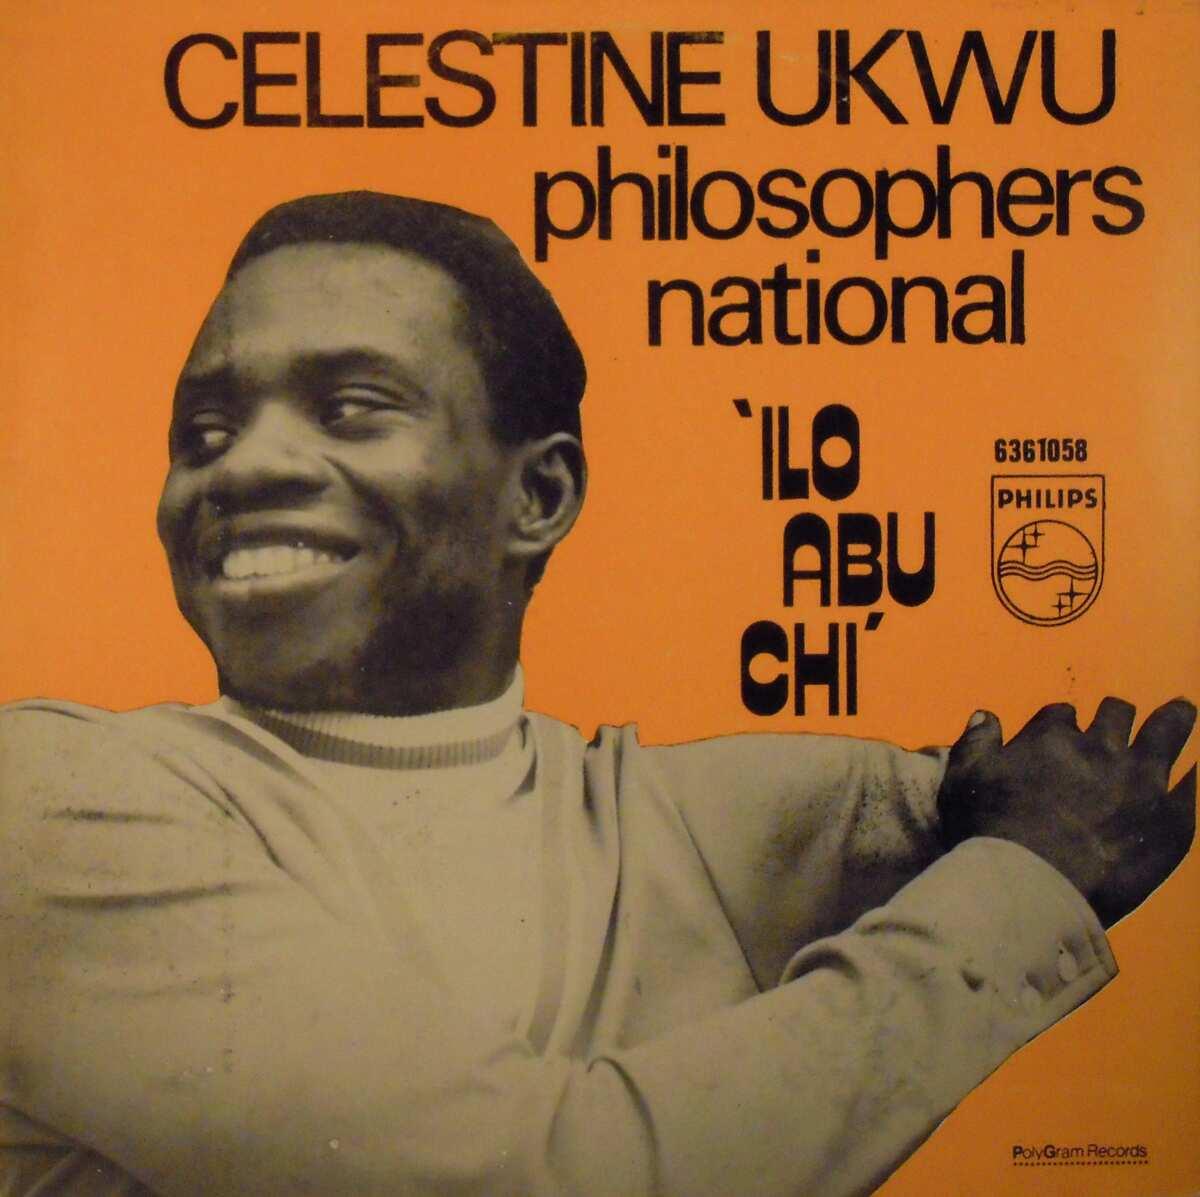 Celestine Ukwu